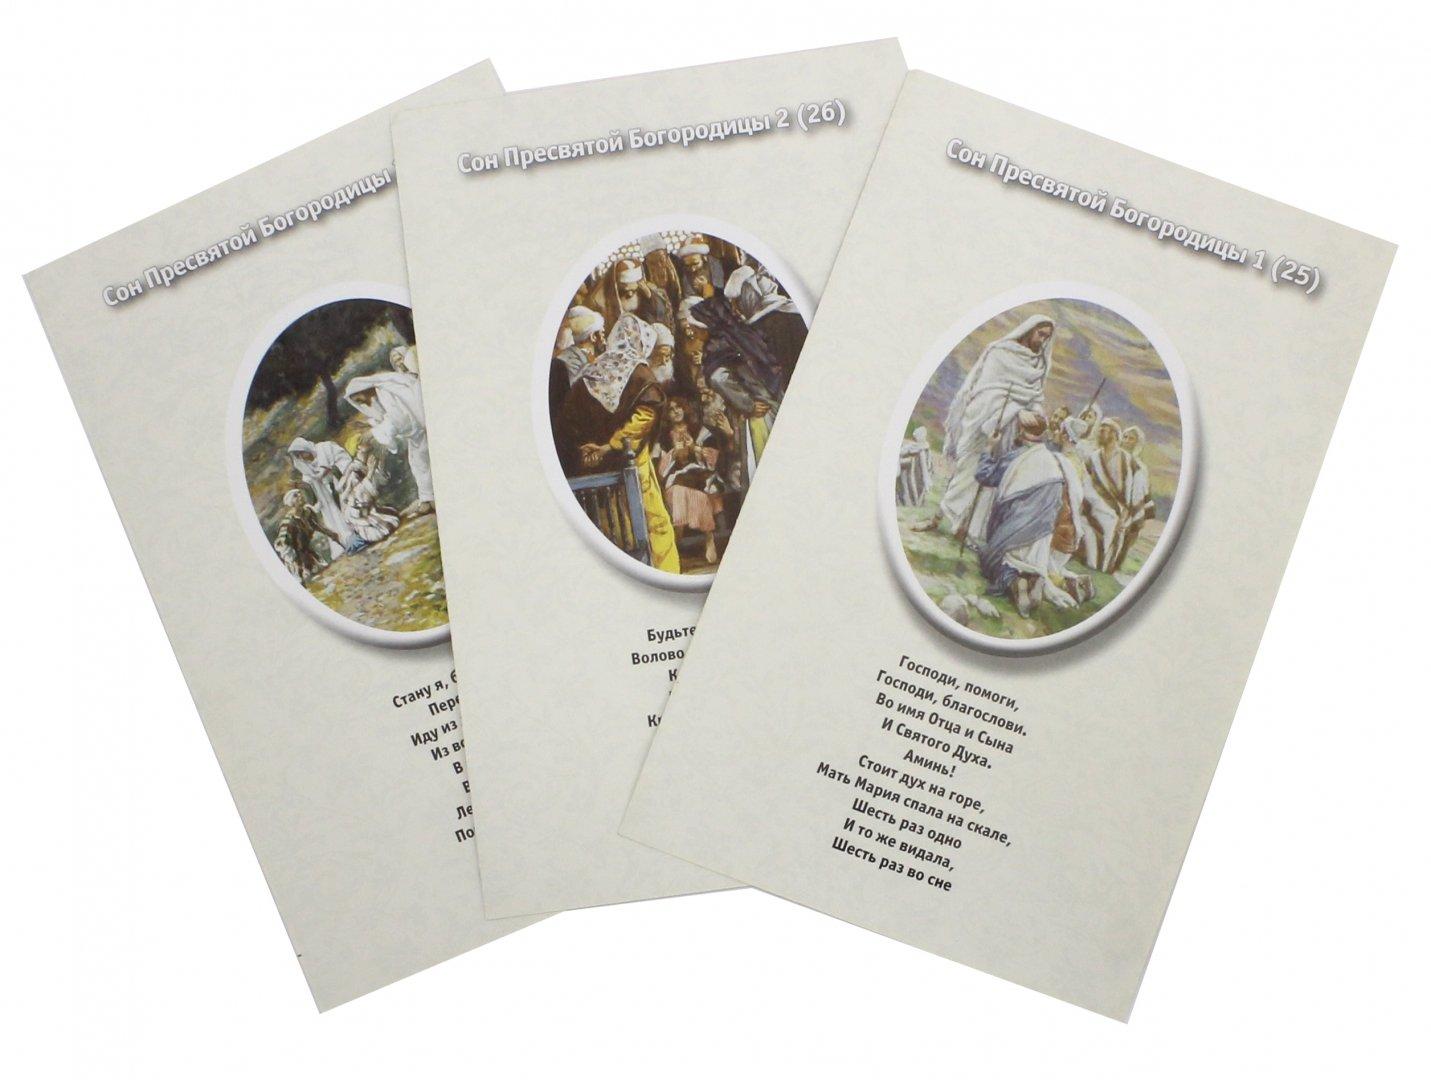 Сны пресвятой богородицы открытки обереги, праздником пасхи поздравлениями